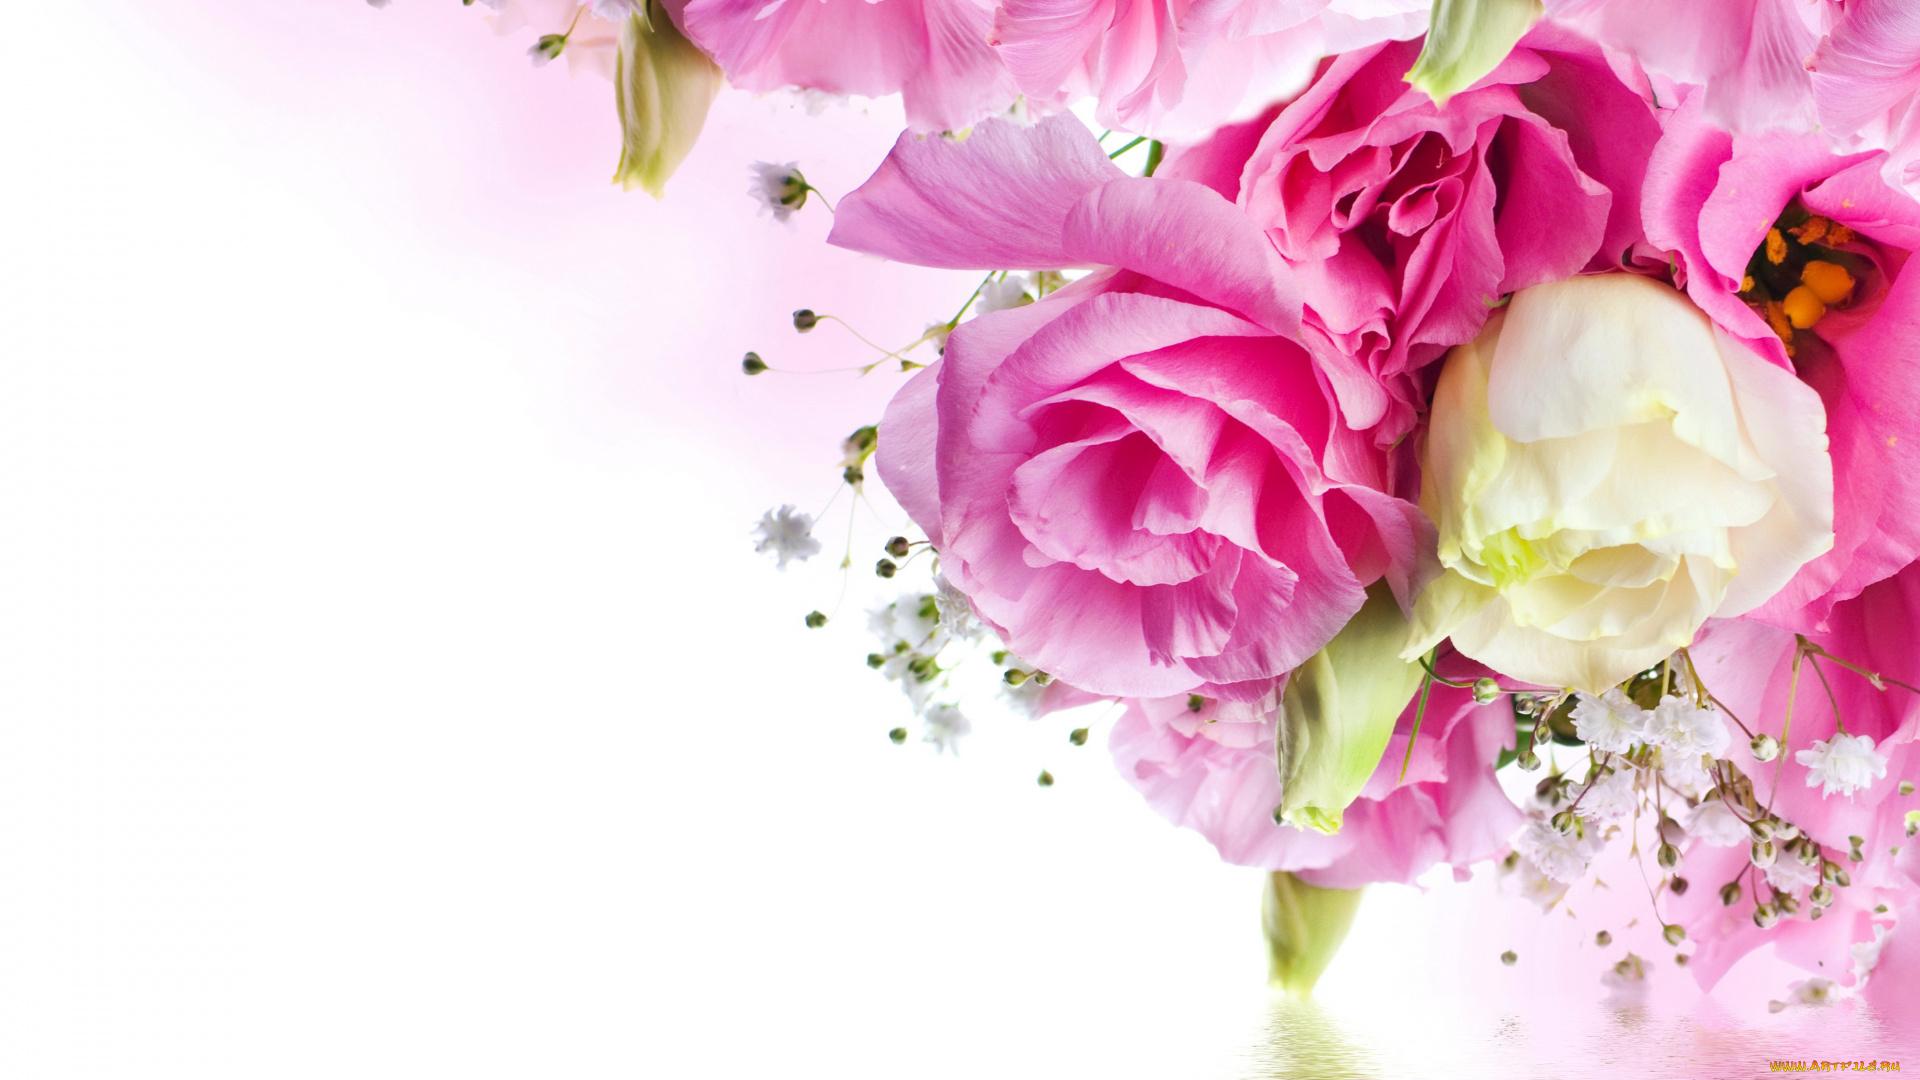 телескоп фон для открытки розовые розы котором побеждает